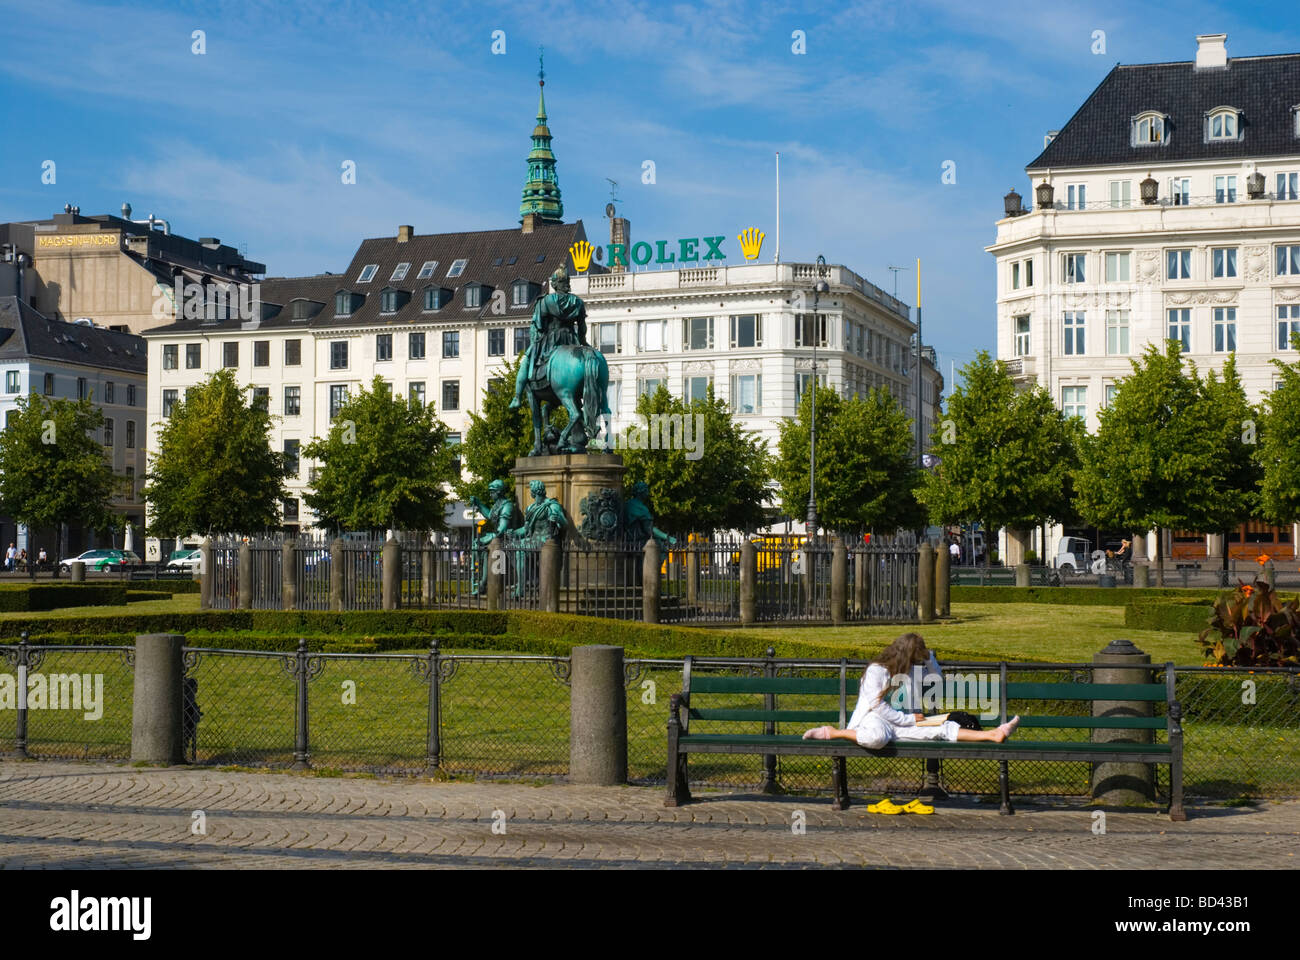 Kongens Nytorv square in central Copenhagen Denmark Europe - Stock Image